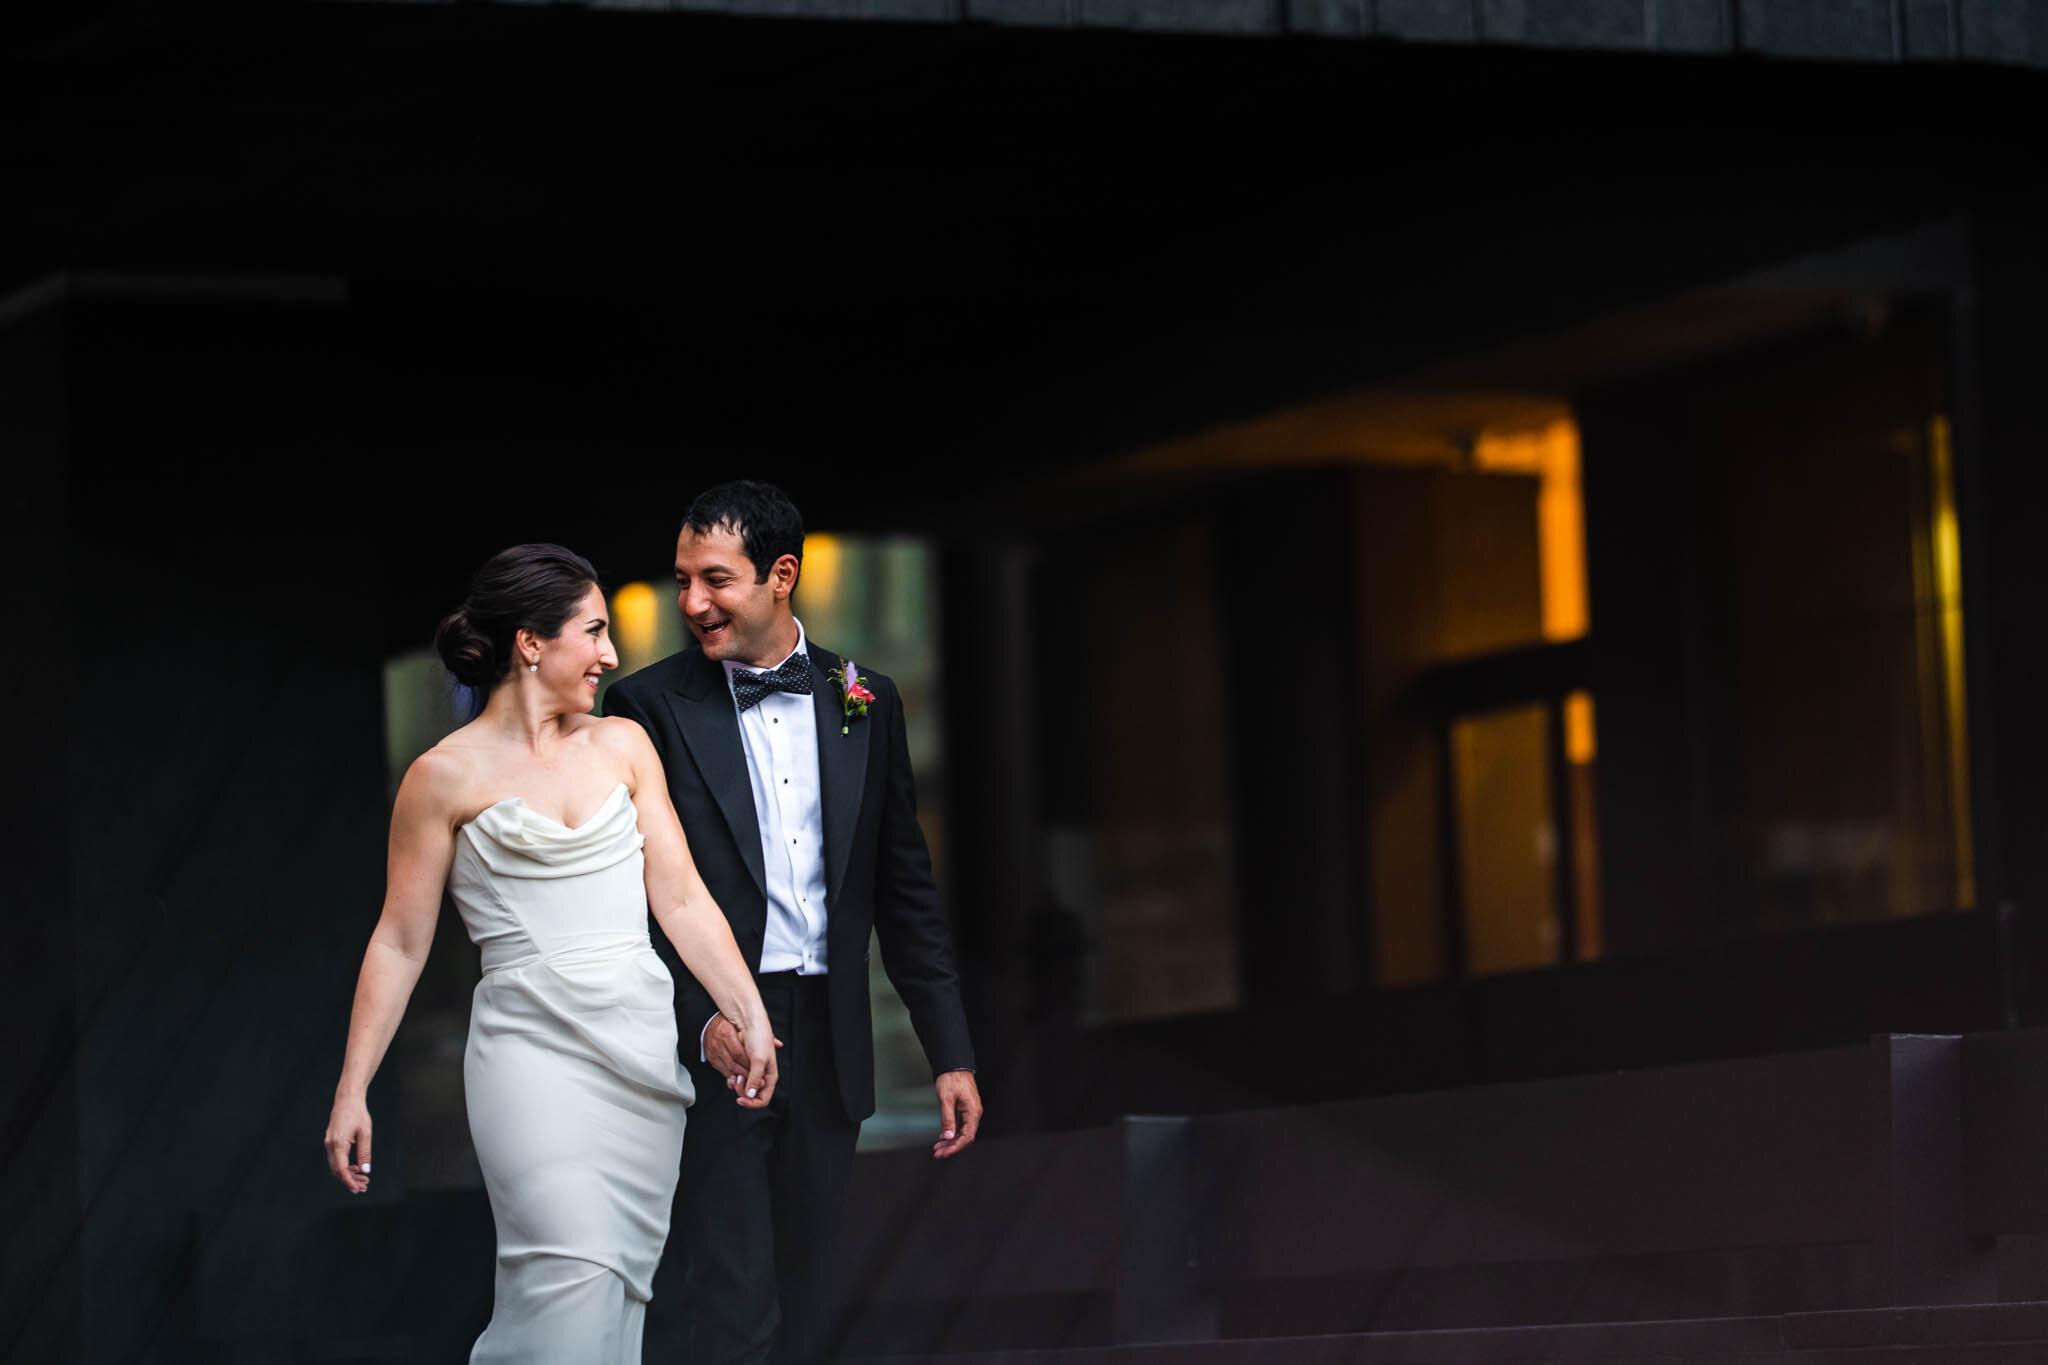 Montreal Wedding Photographer AshleyMacPhee (35 of 49).jpg